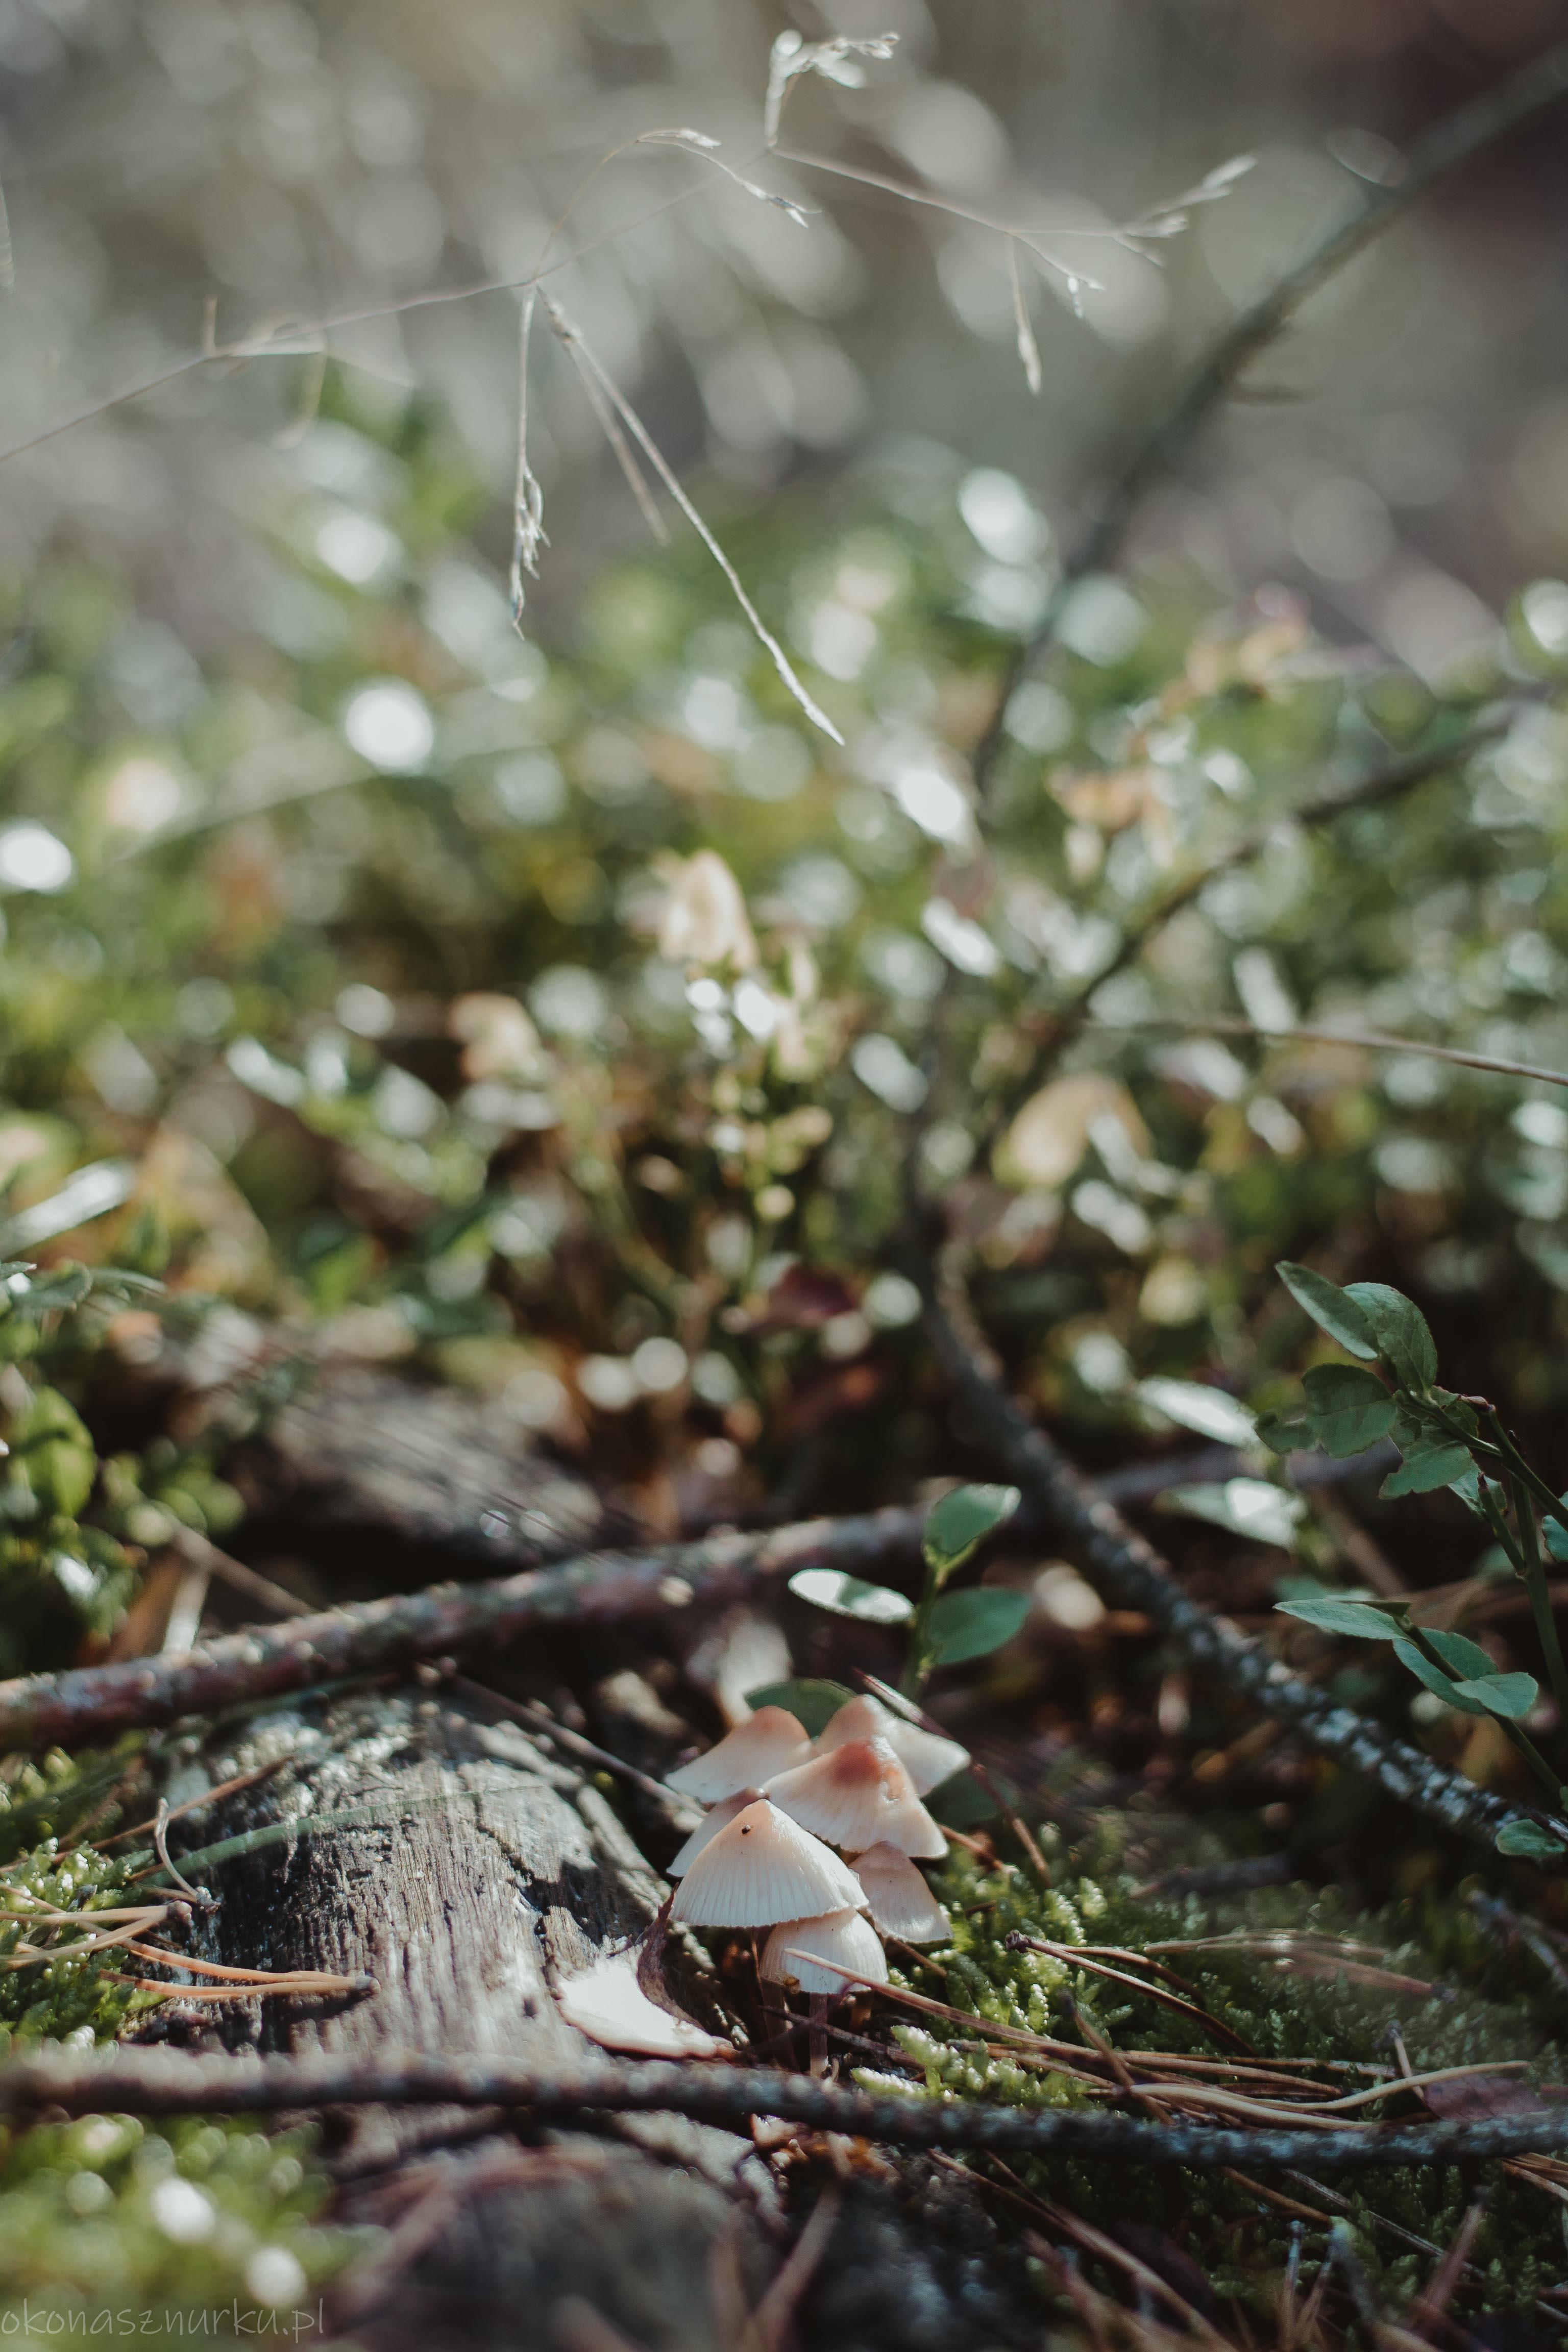 grzybobranie-okonasznurku (11)